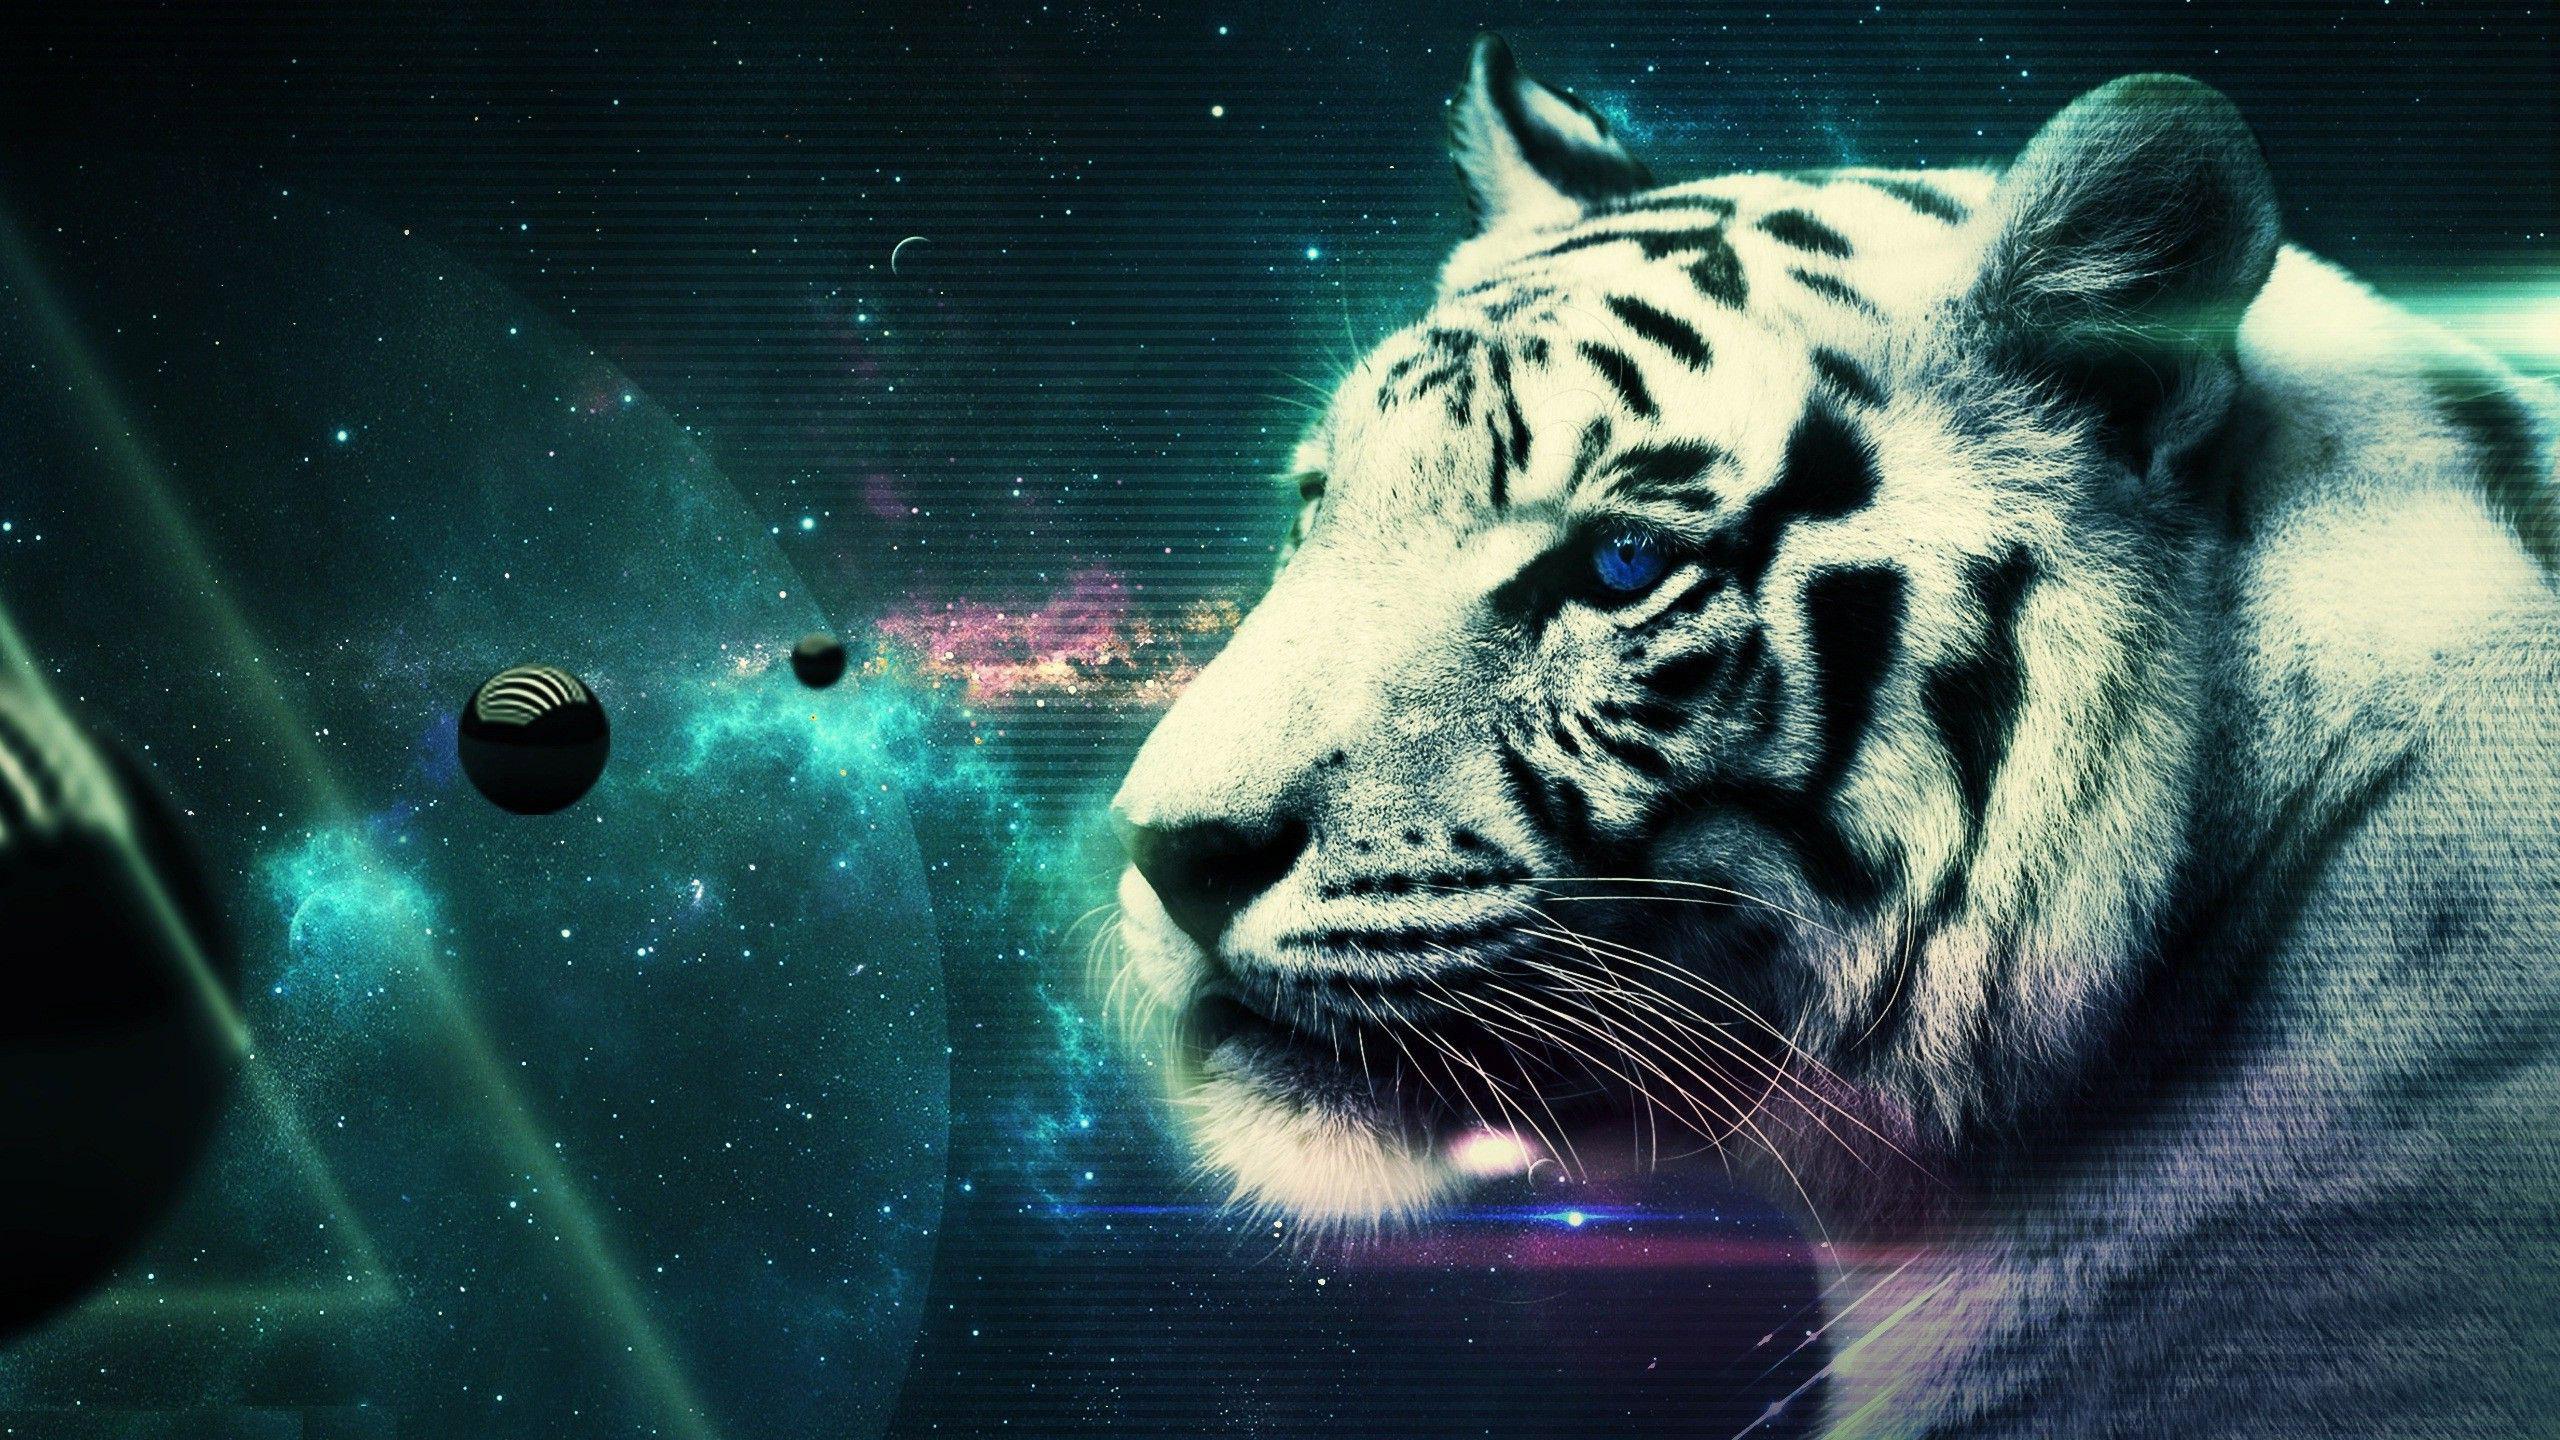 Wallpaper white tiger wallpapersafari - White tiger wallpaper free download ...